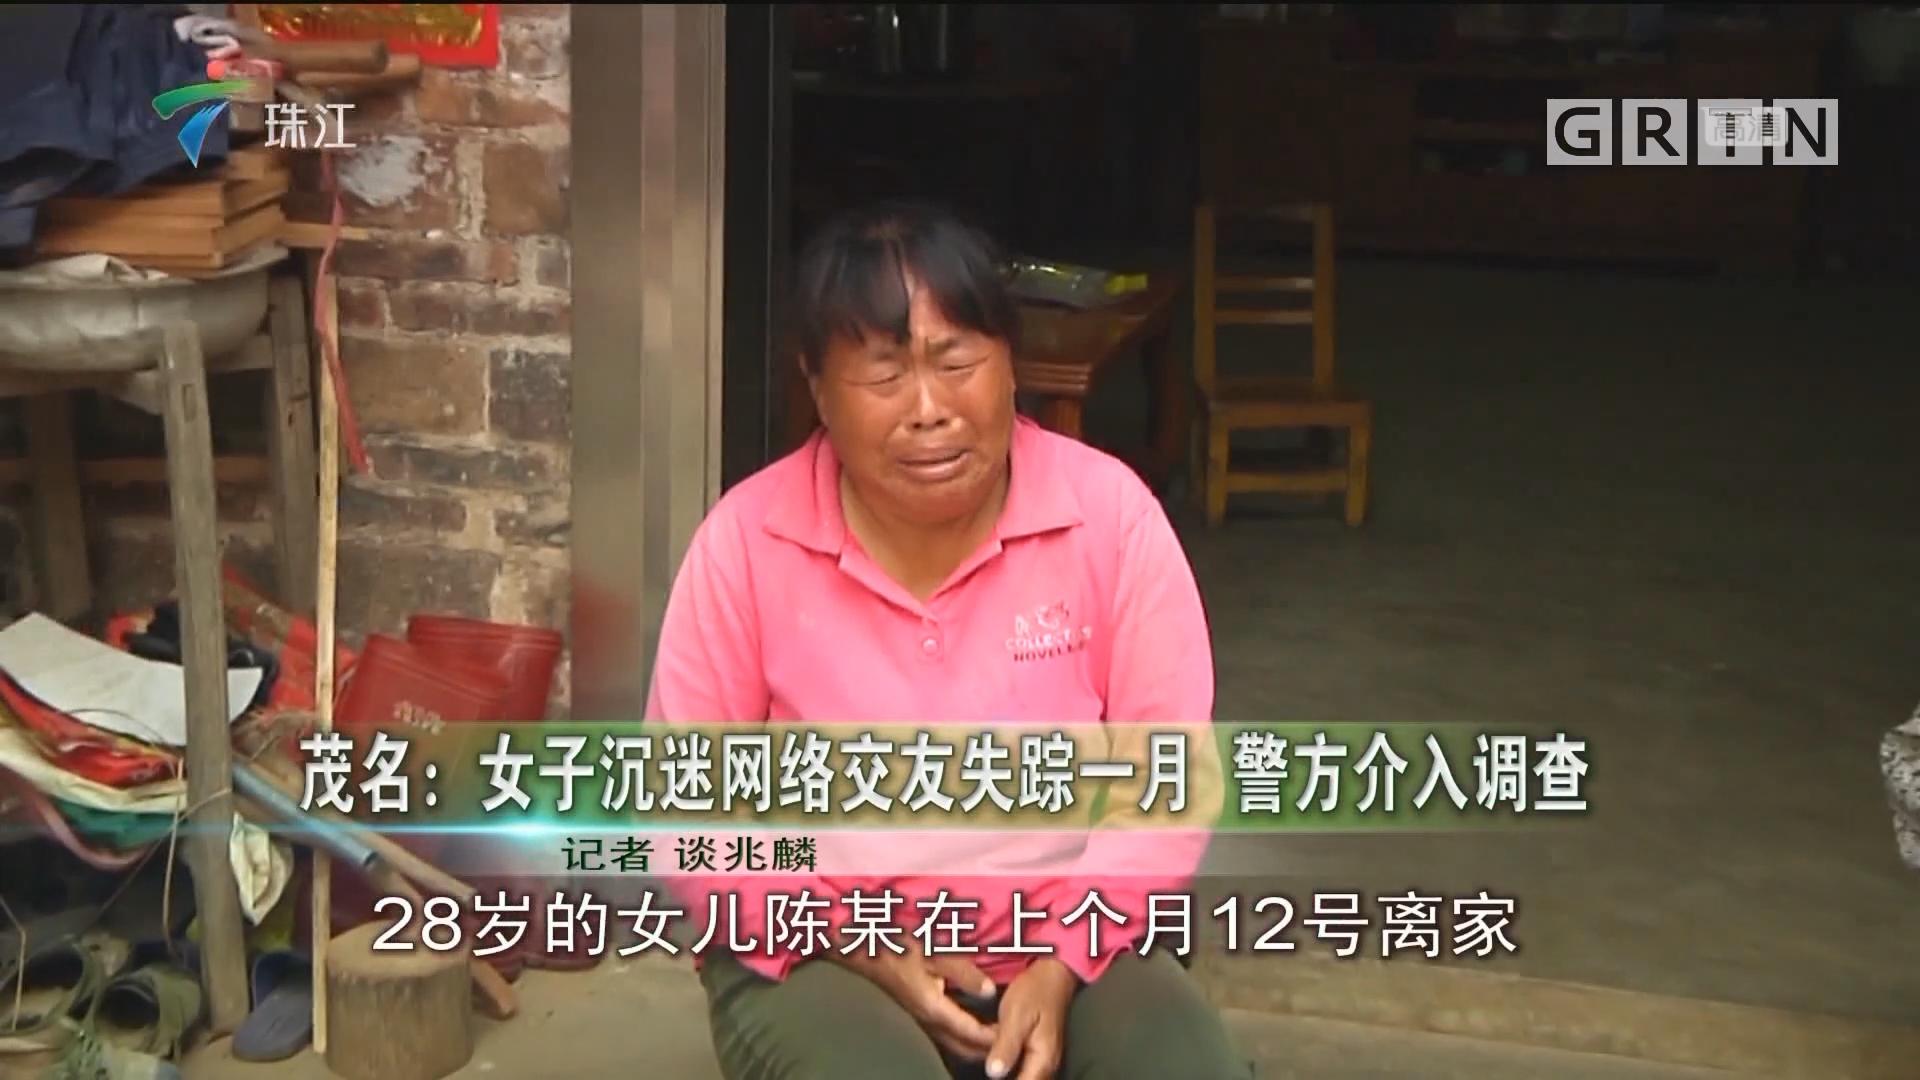 茂名:女子沉迷网络交友失踪一月 警方介入调查